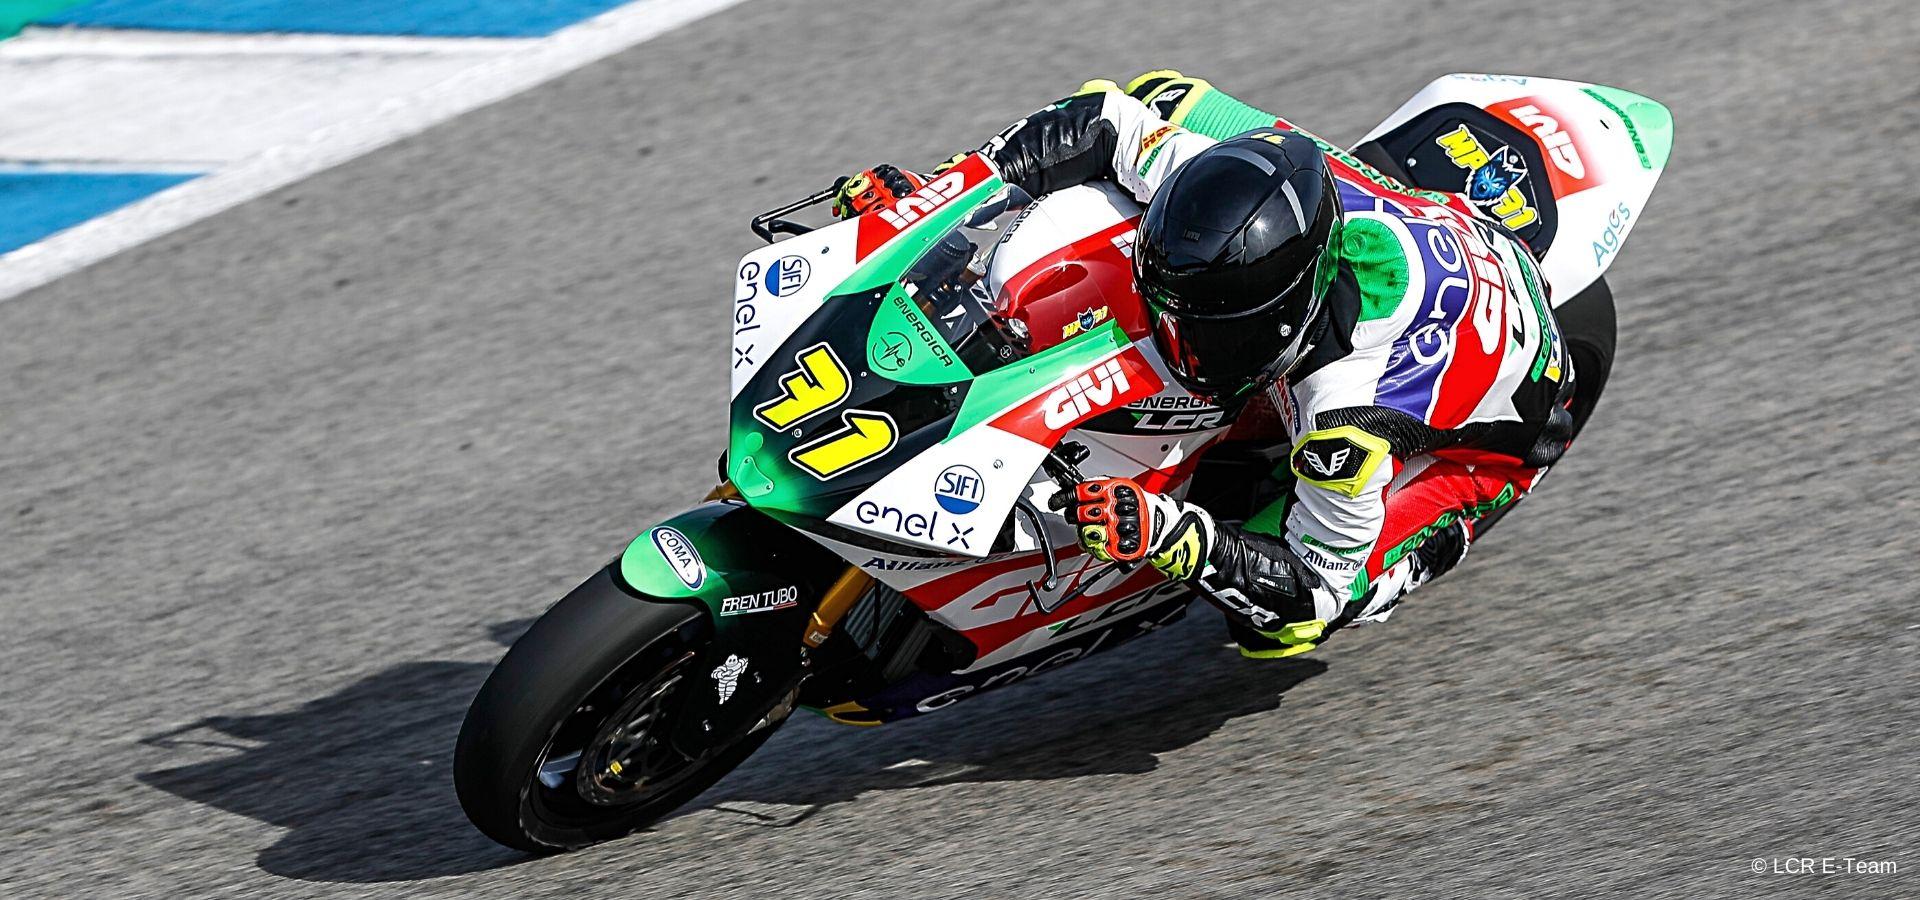 Per l'LCR E-Team risultati molto incoraggianti nei test di Jerez